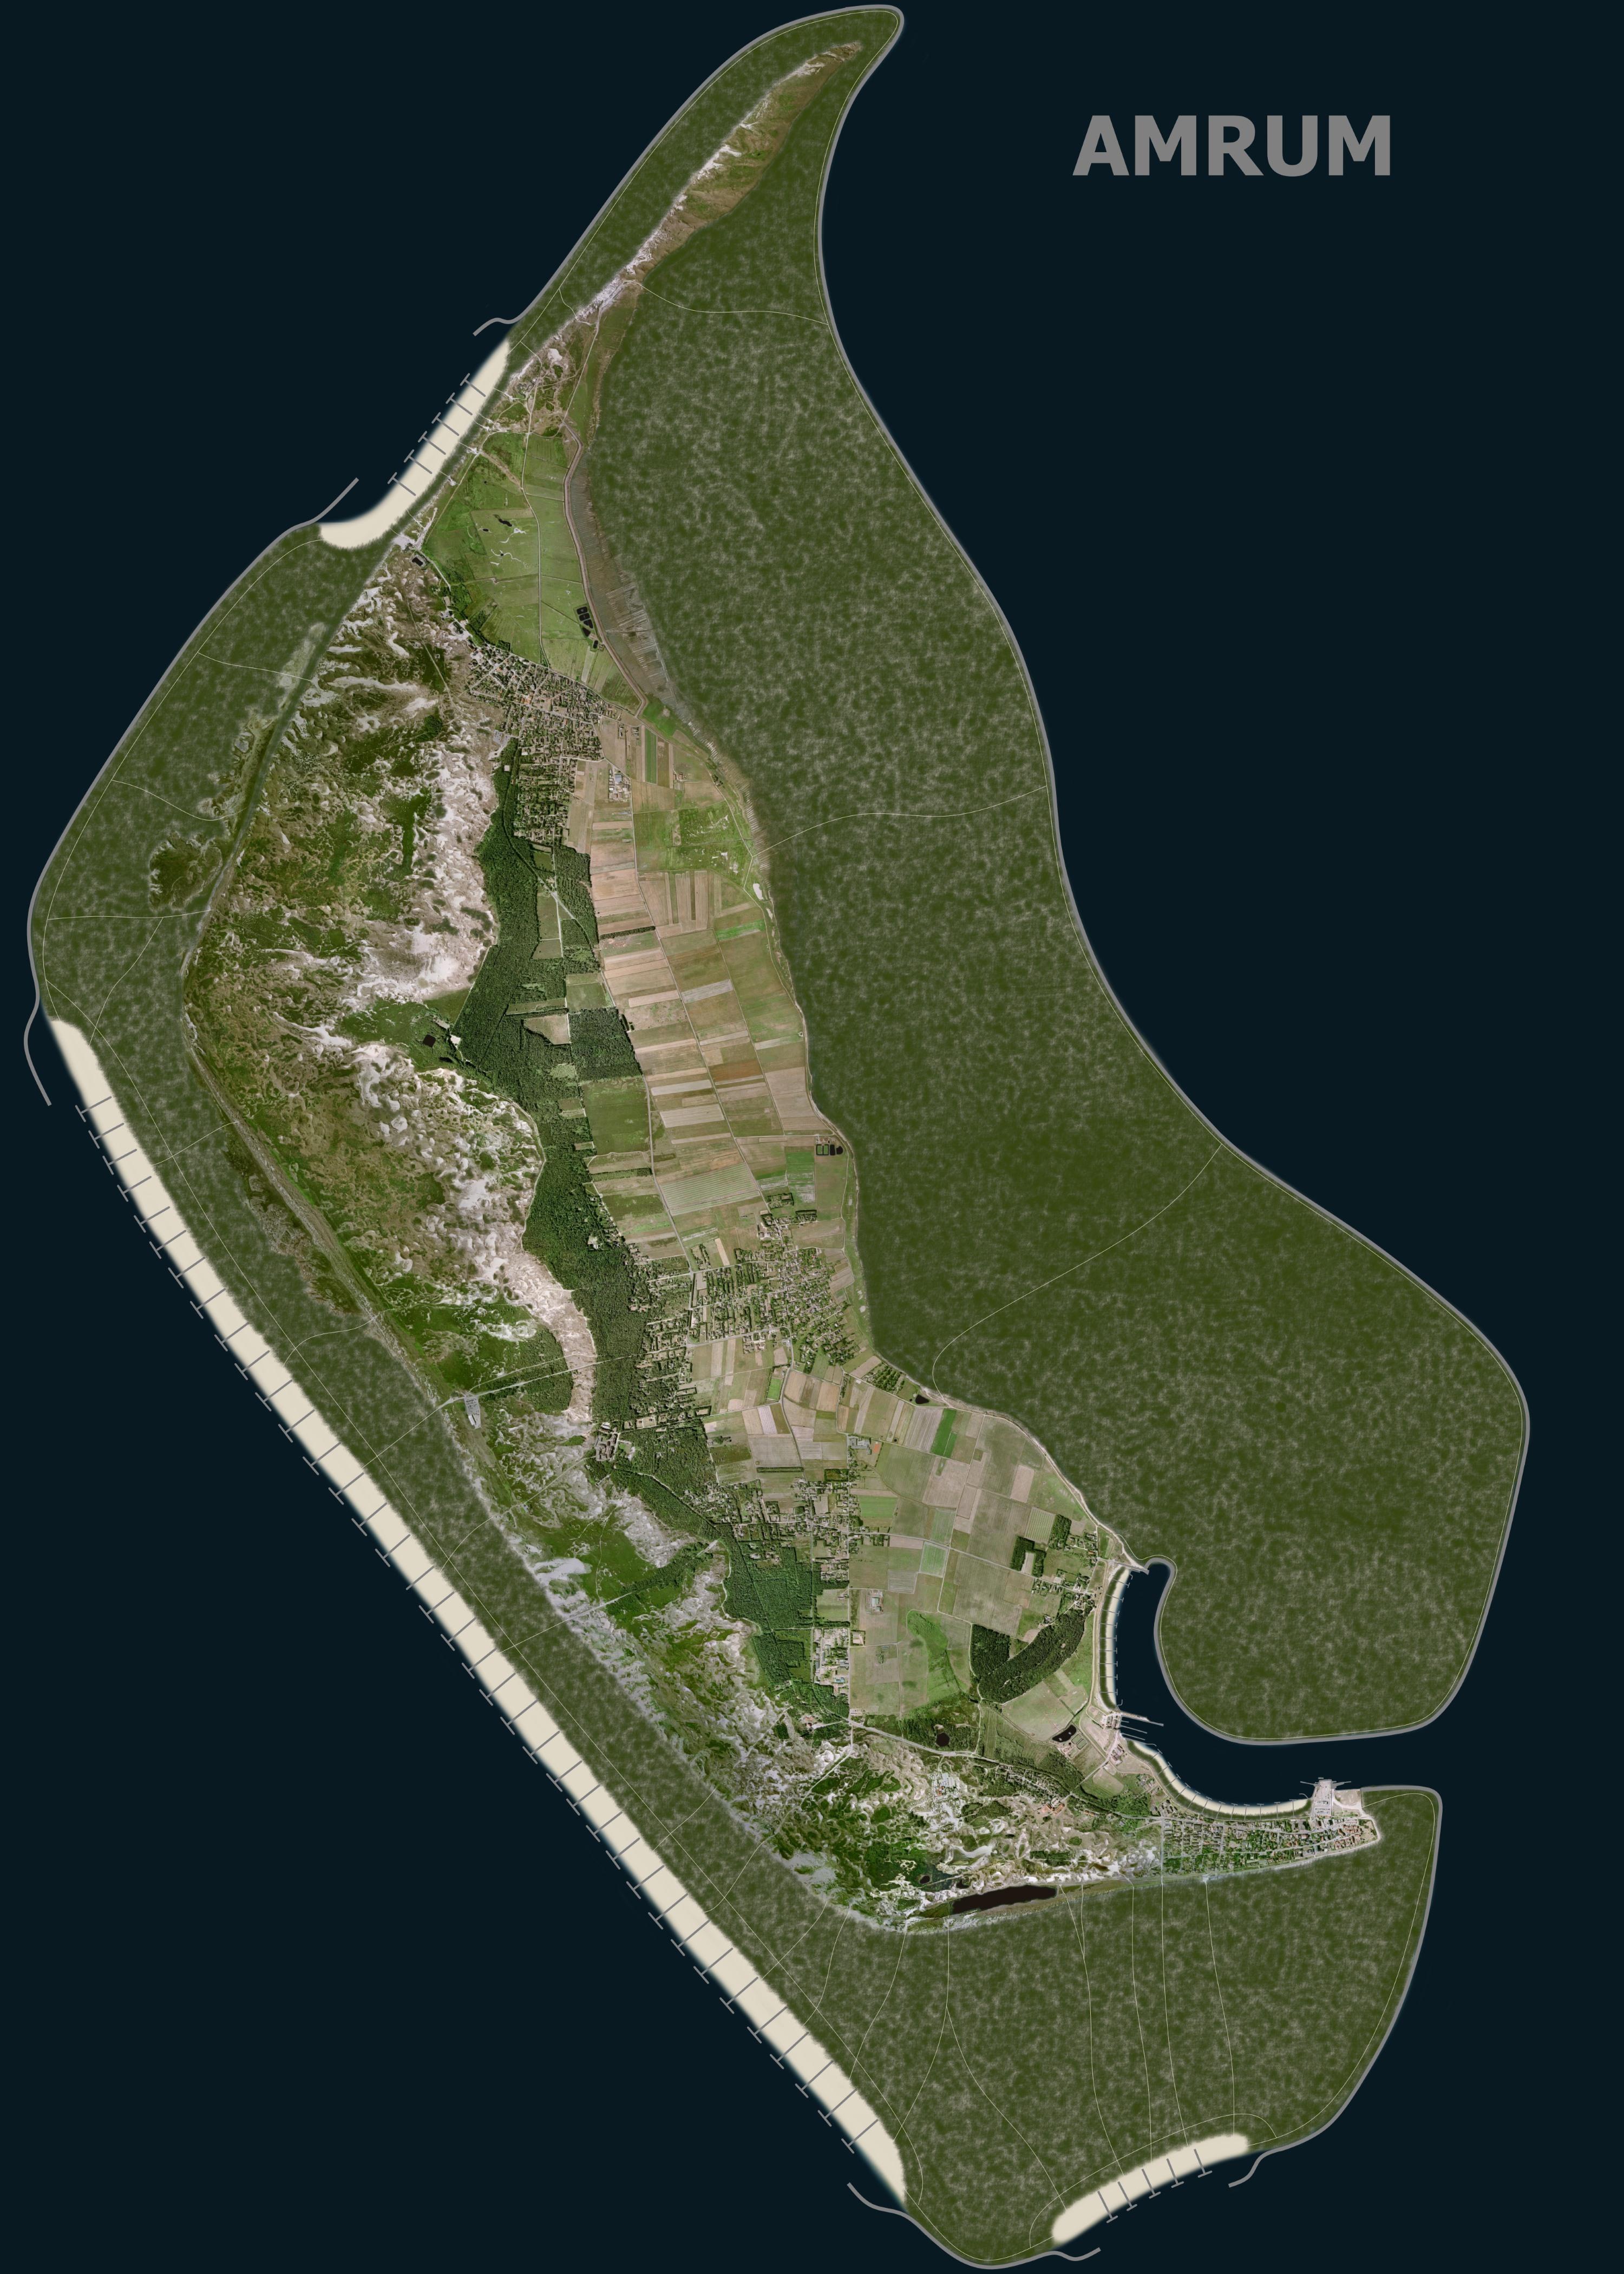 Amrum, landgewinnung, küstenschutz, insel, eindeichung, naturschutz, sturmflut, vergrößerung